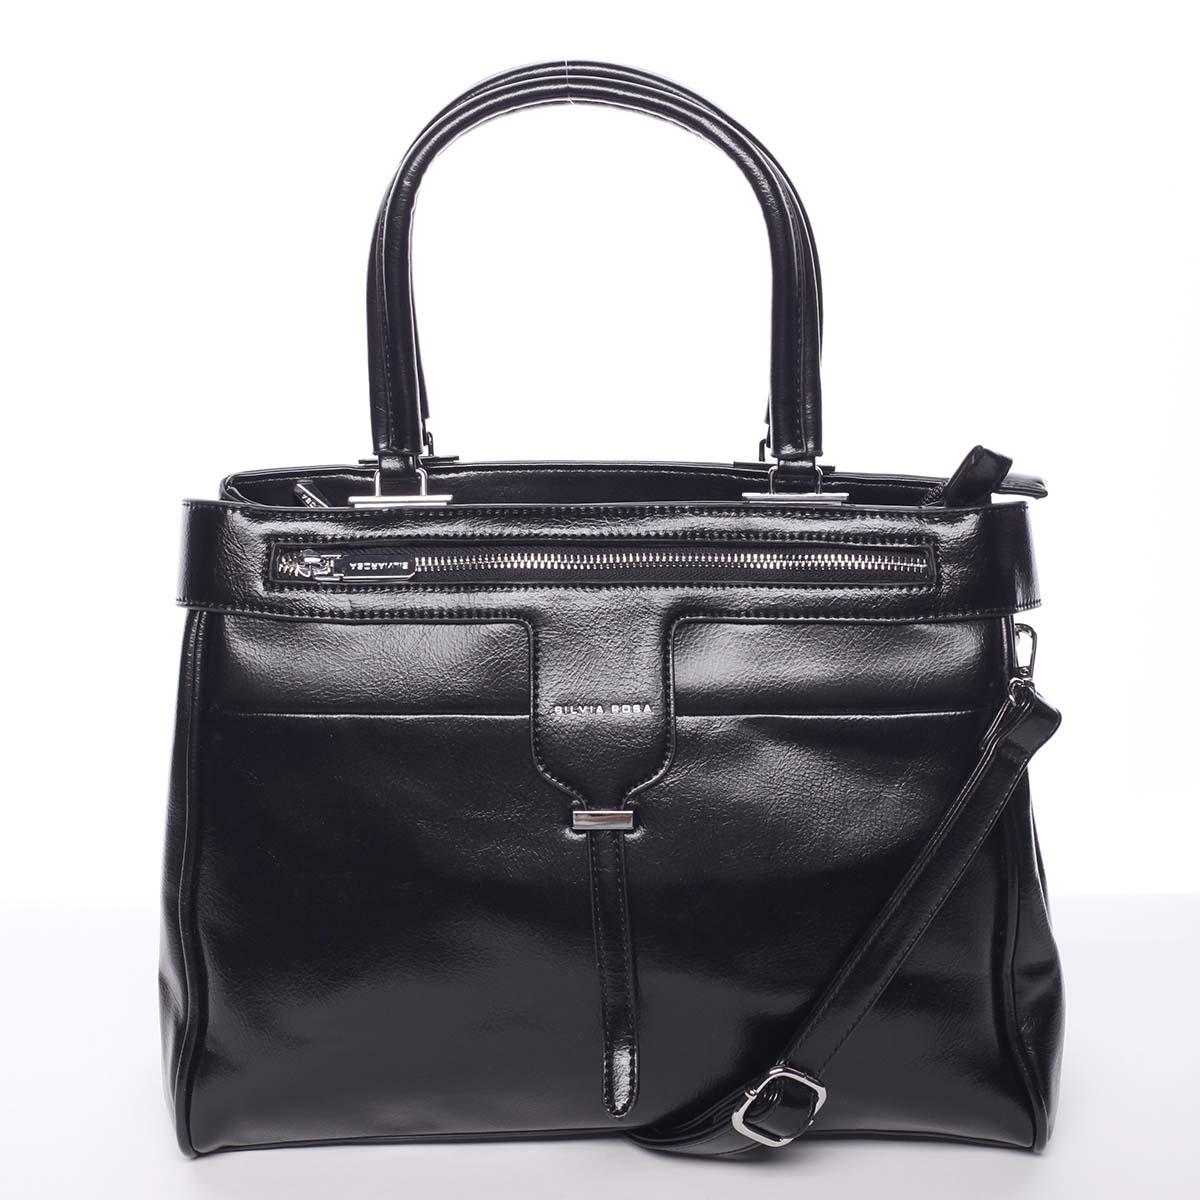 Luxusná moderná dámska čierna kabelka do ruky - Silvia Rosa Venus čierna